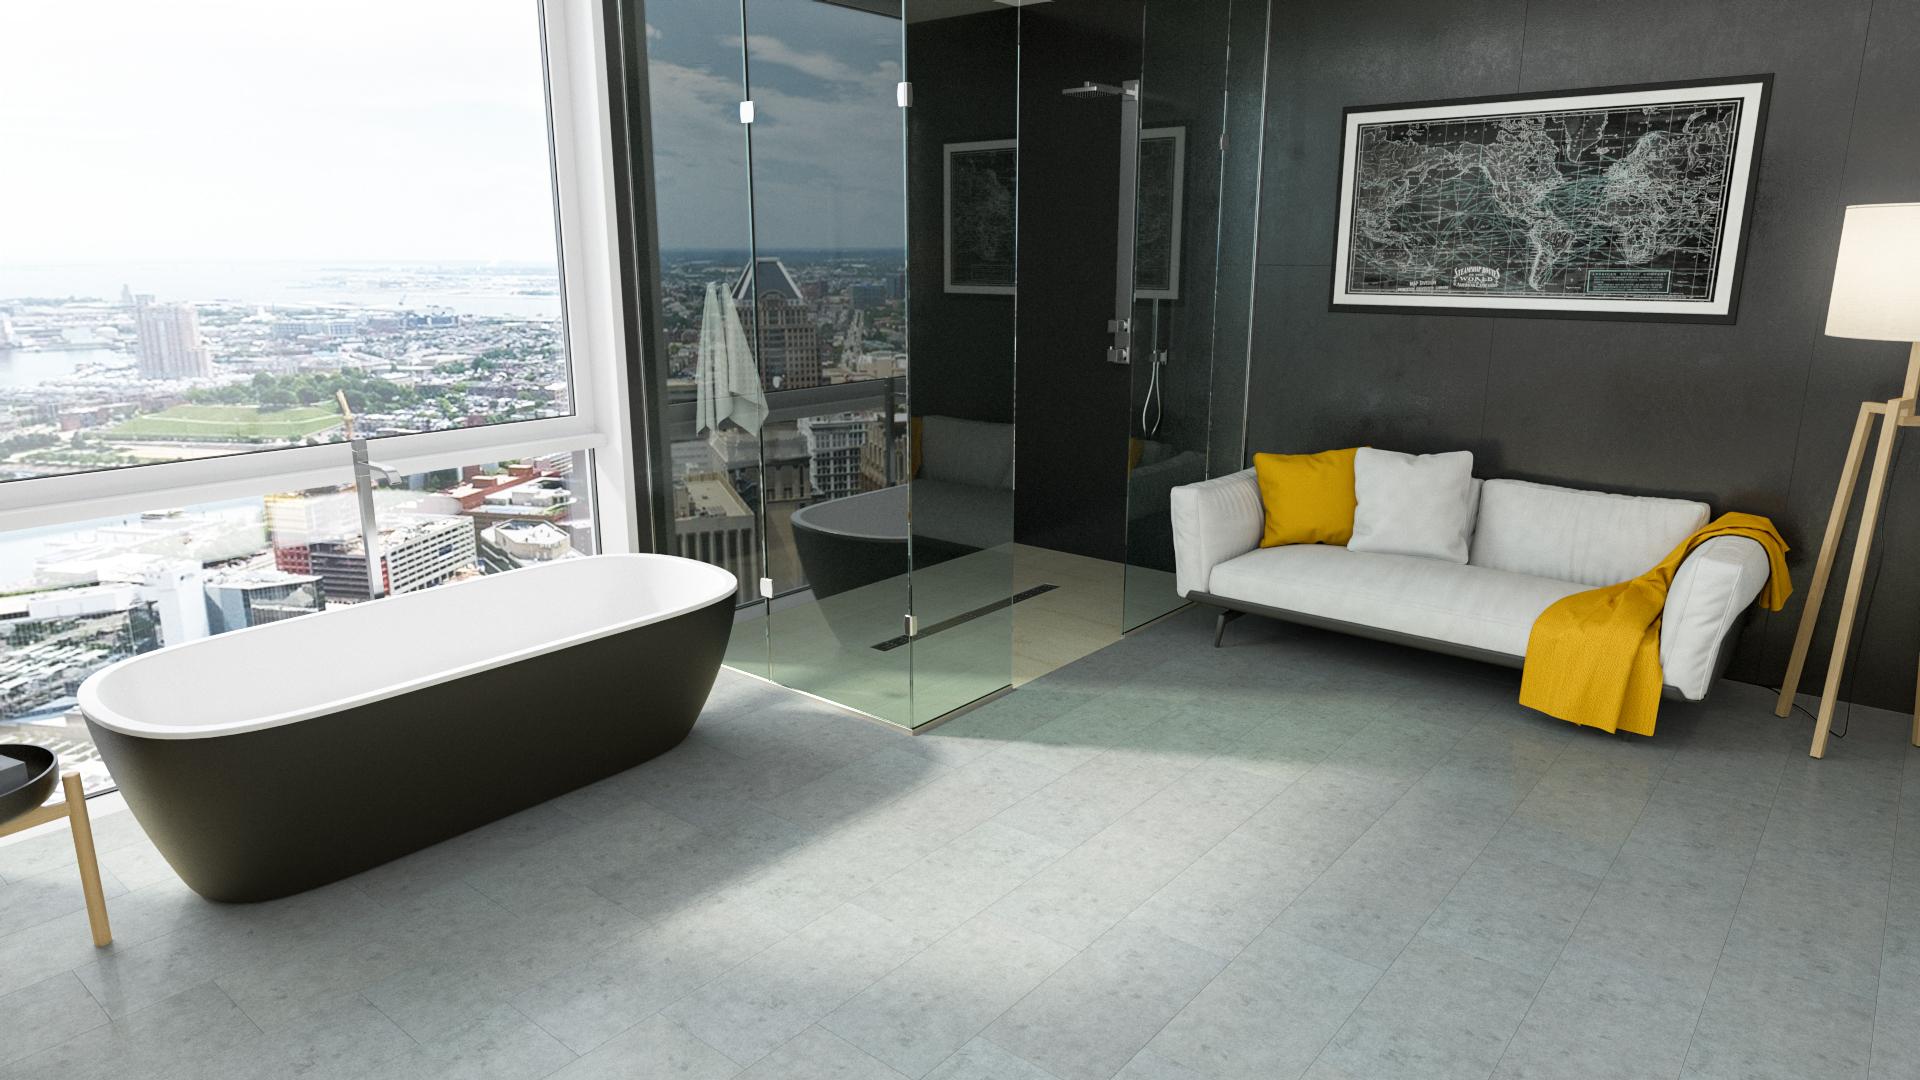 Ламинат для ванных: какое напольное покрытие лучше? - Домострой -